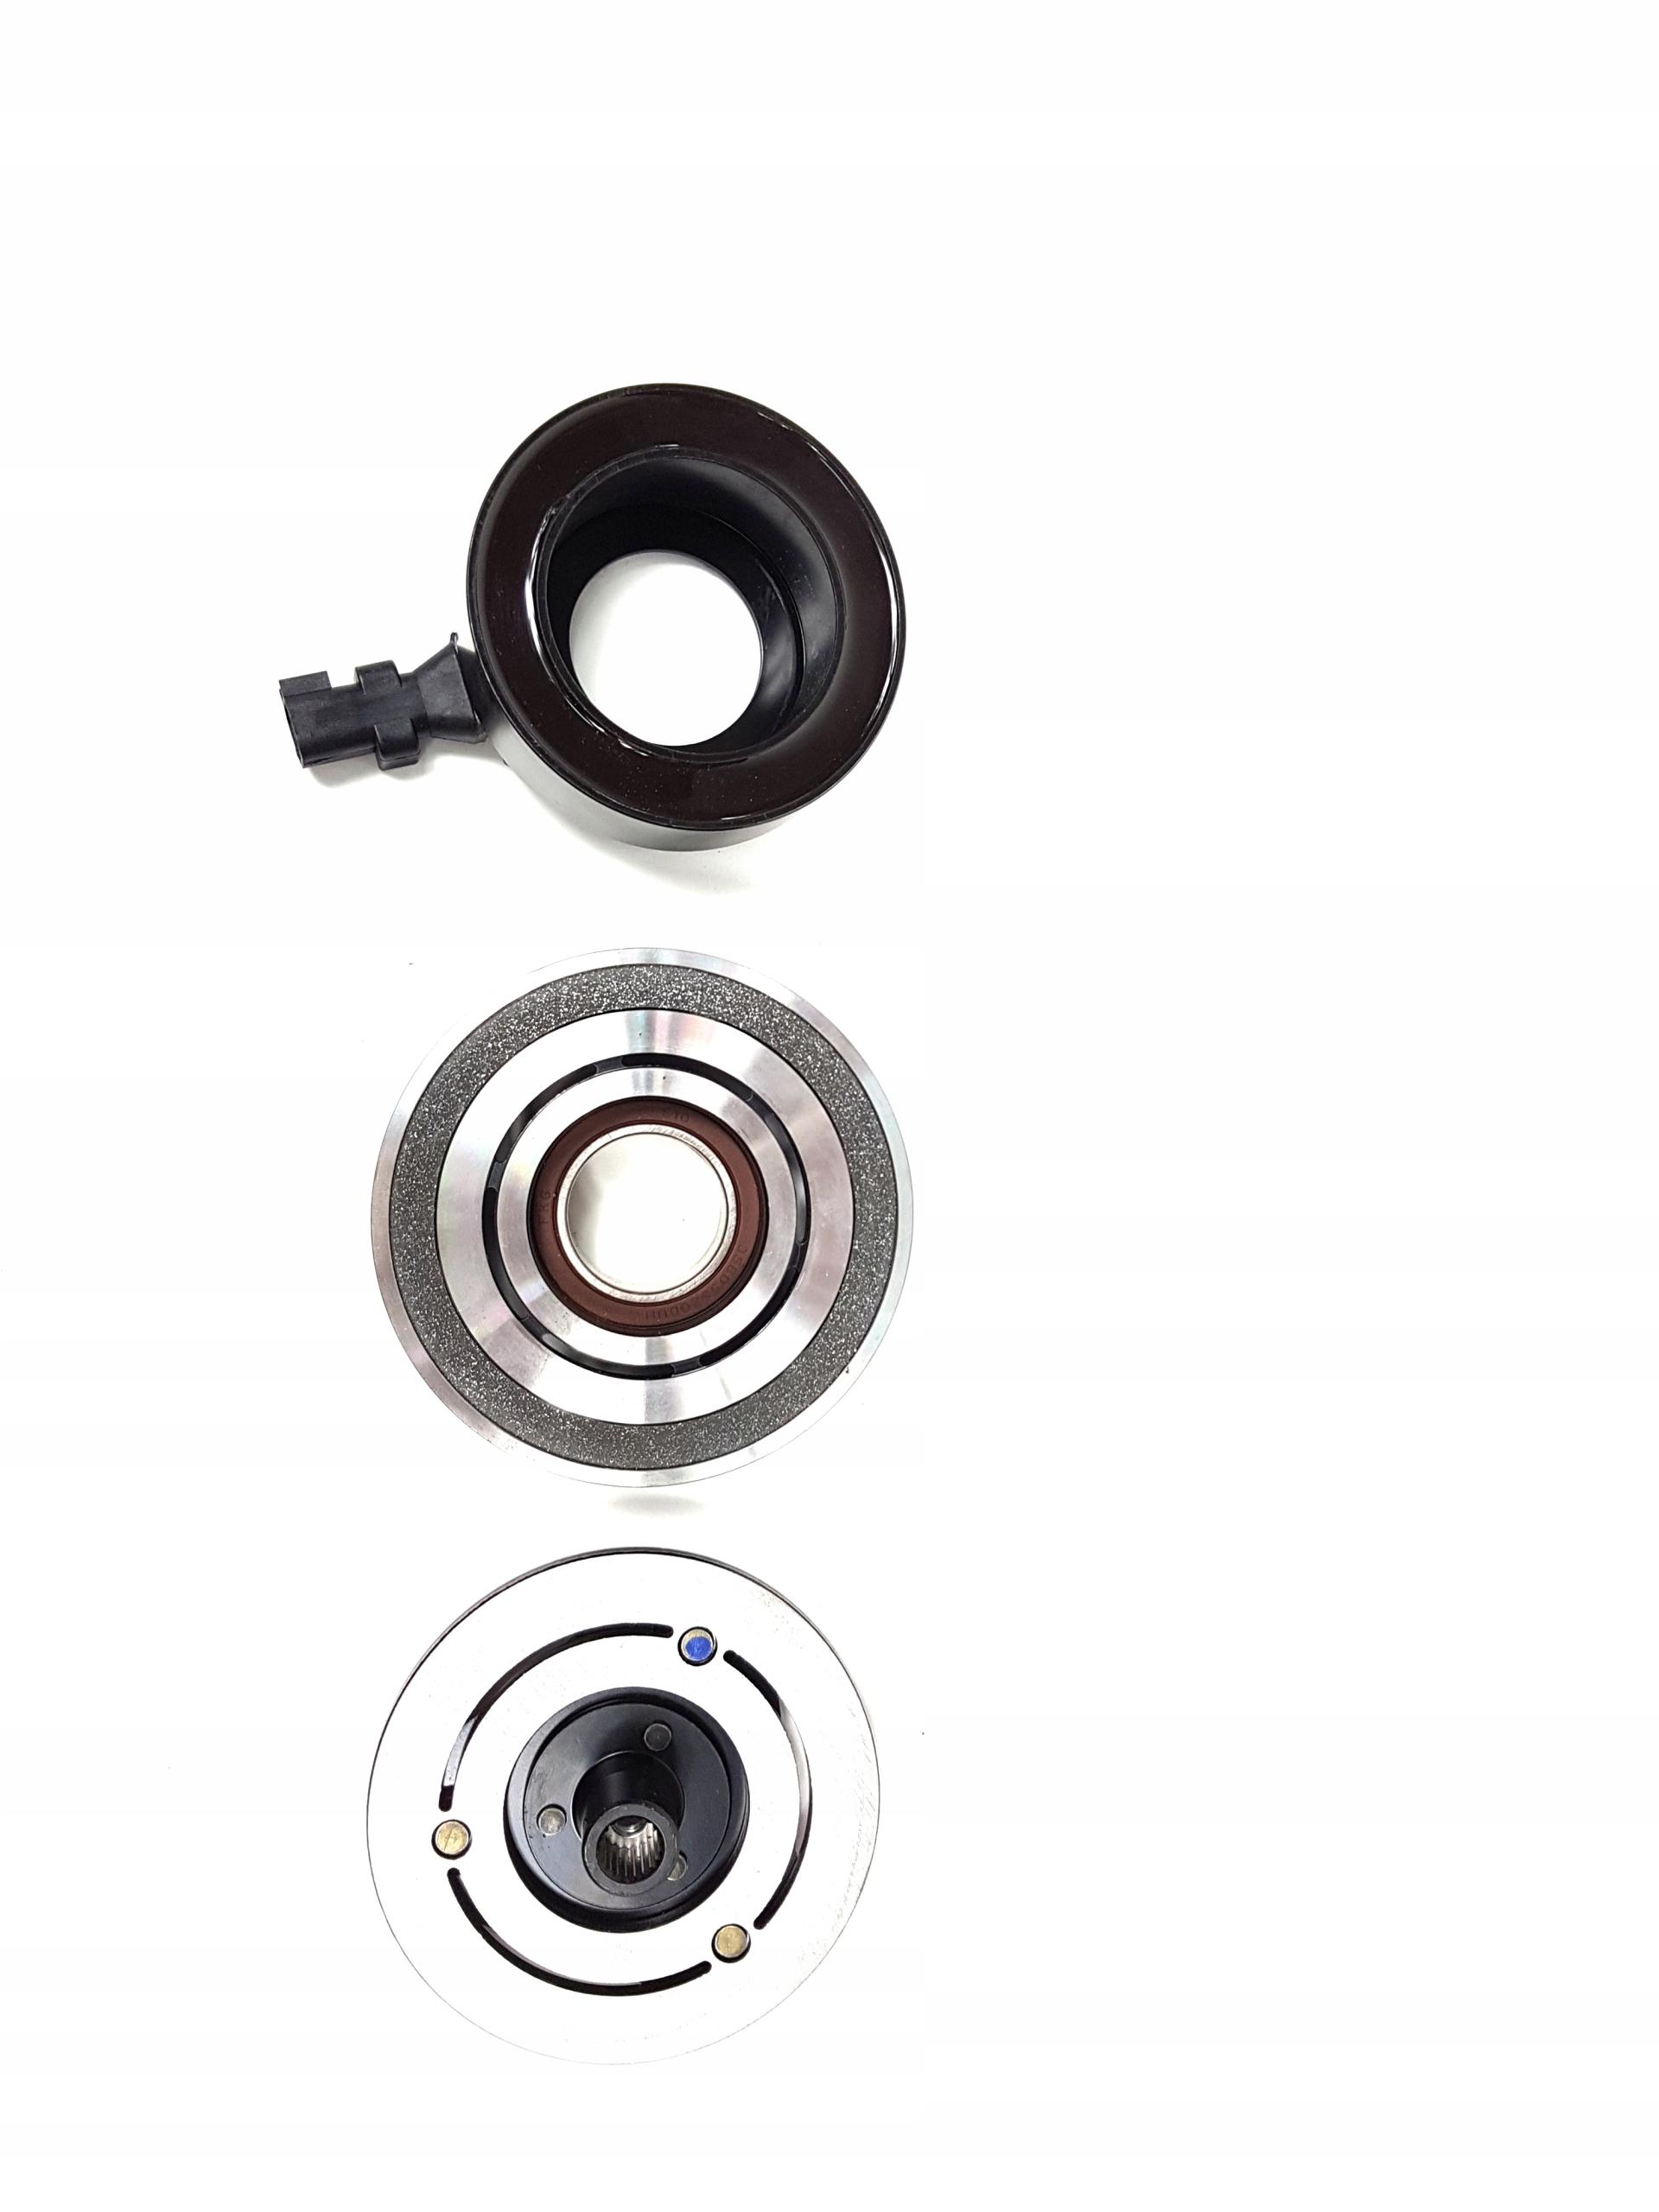 муфта компрессоры кондиционирования воздуха c-max focus s40